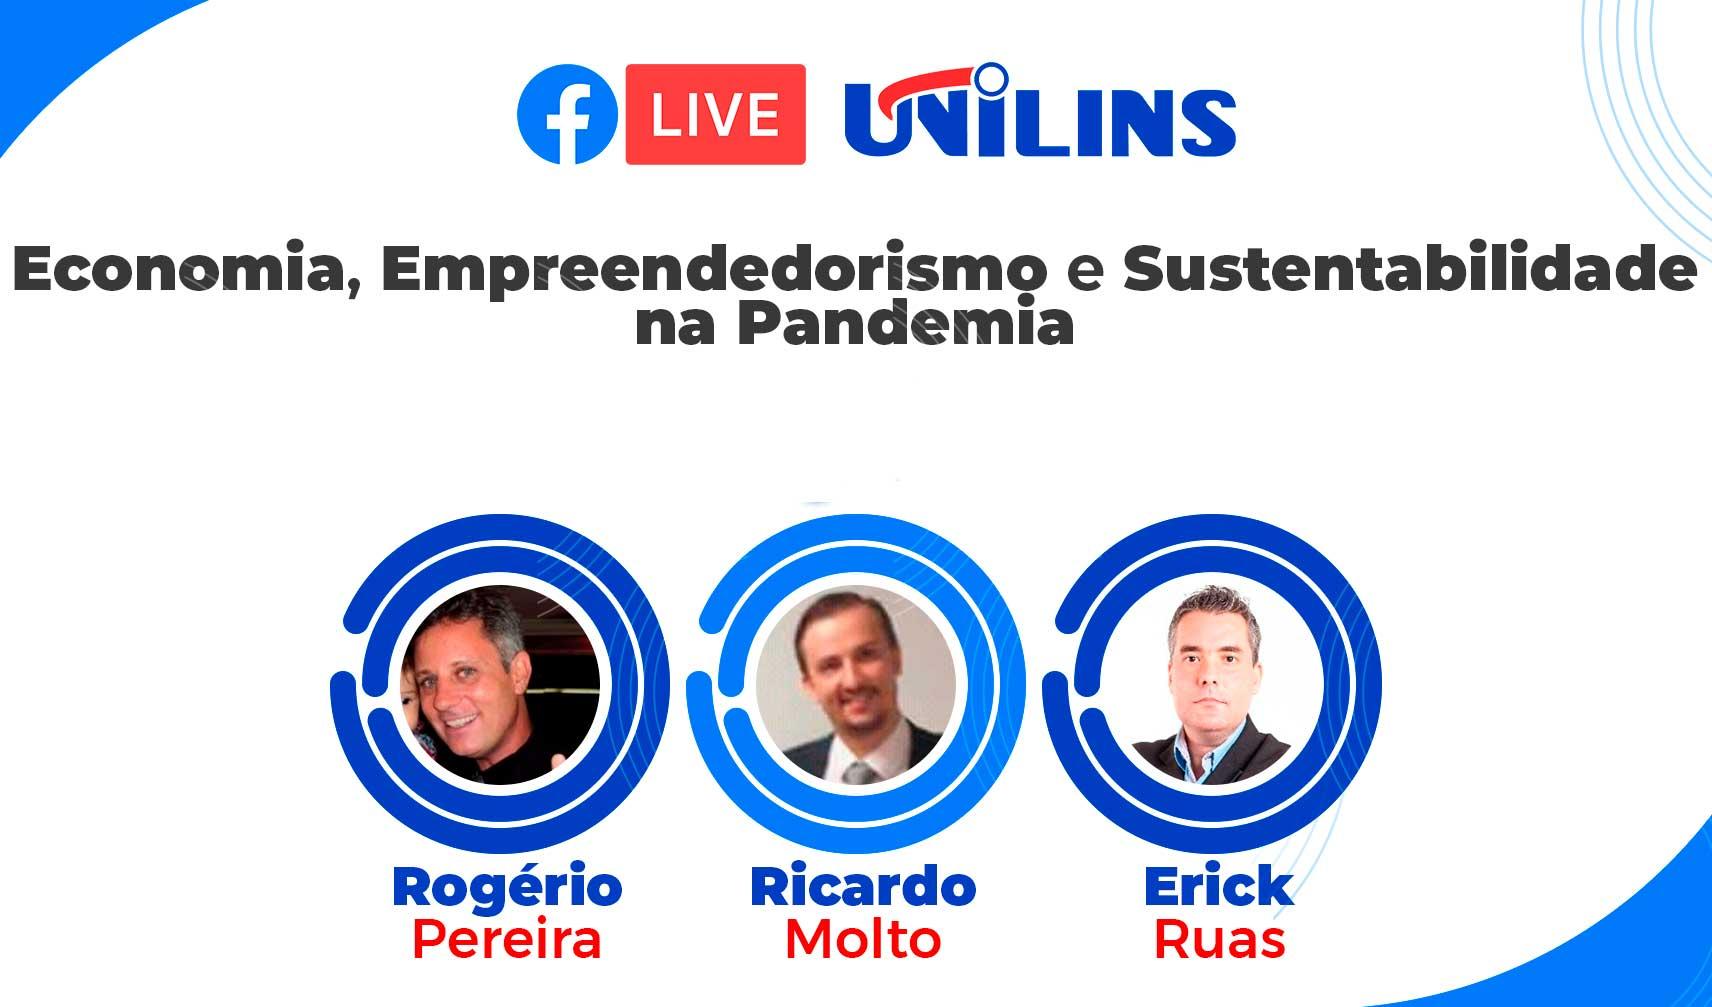 Live debateu economia, empreendedorismo e sustentabilidade na pandemia - UNILINS